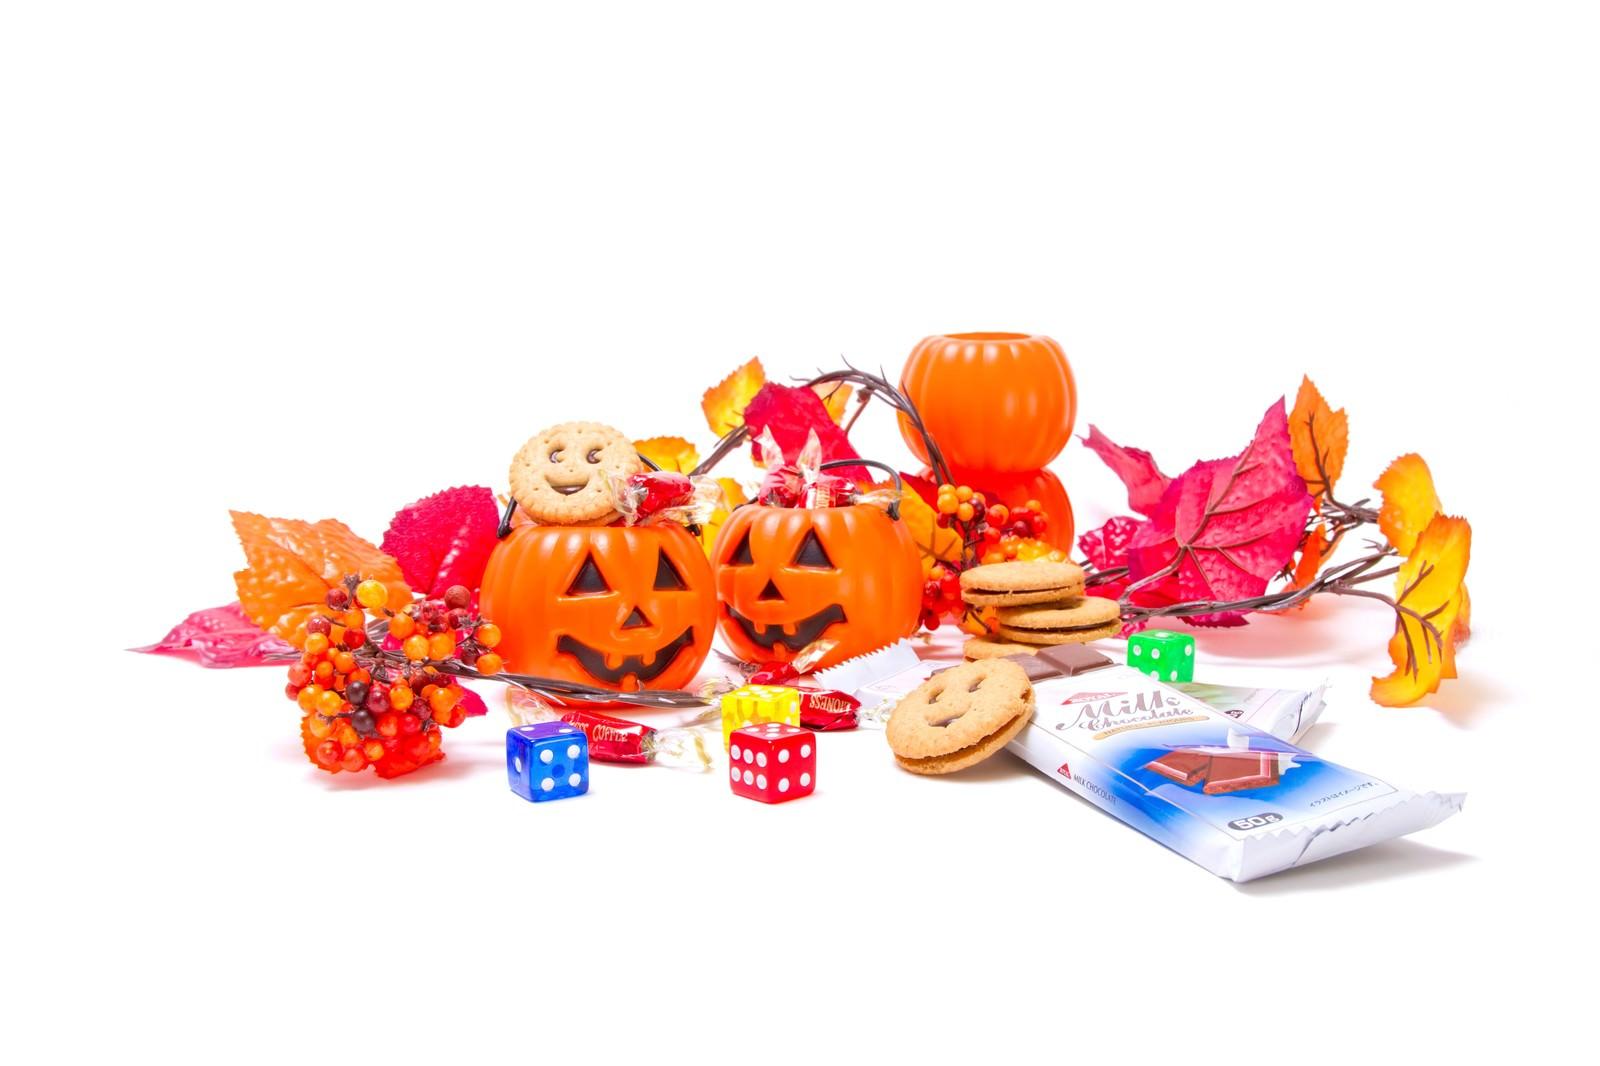 「ハロウィンかぼちゃとお菓子」の写真